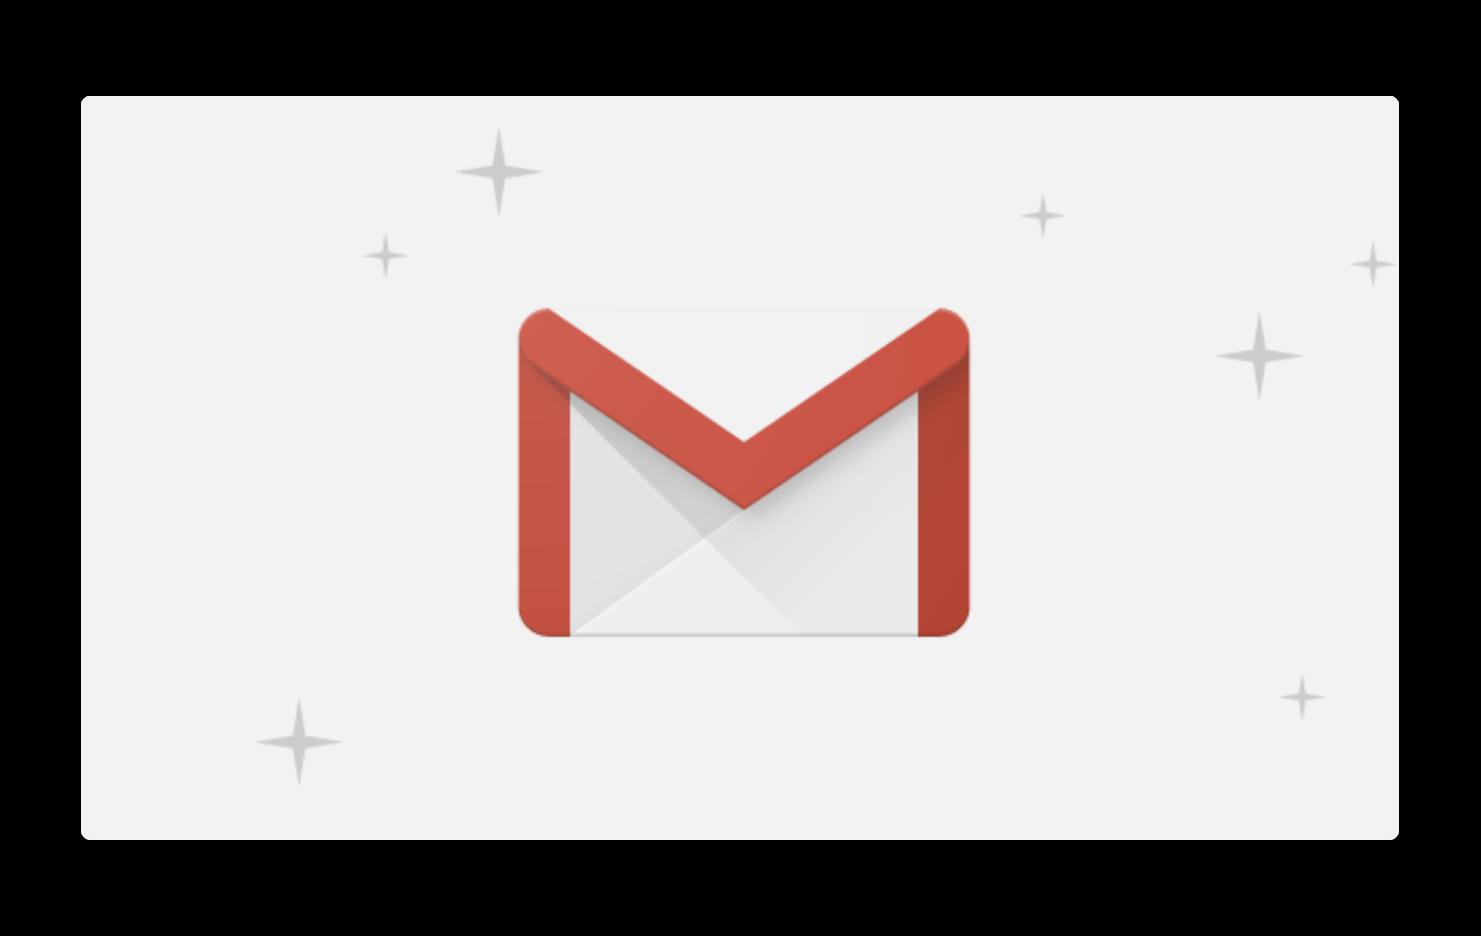 「新しいGmail」では、セキュリティと新機能が追加